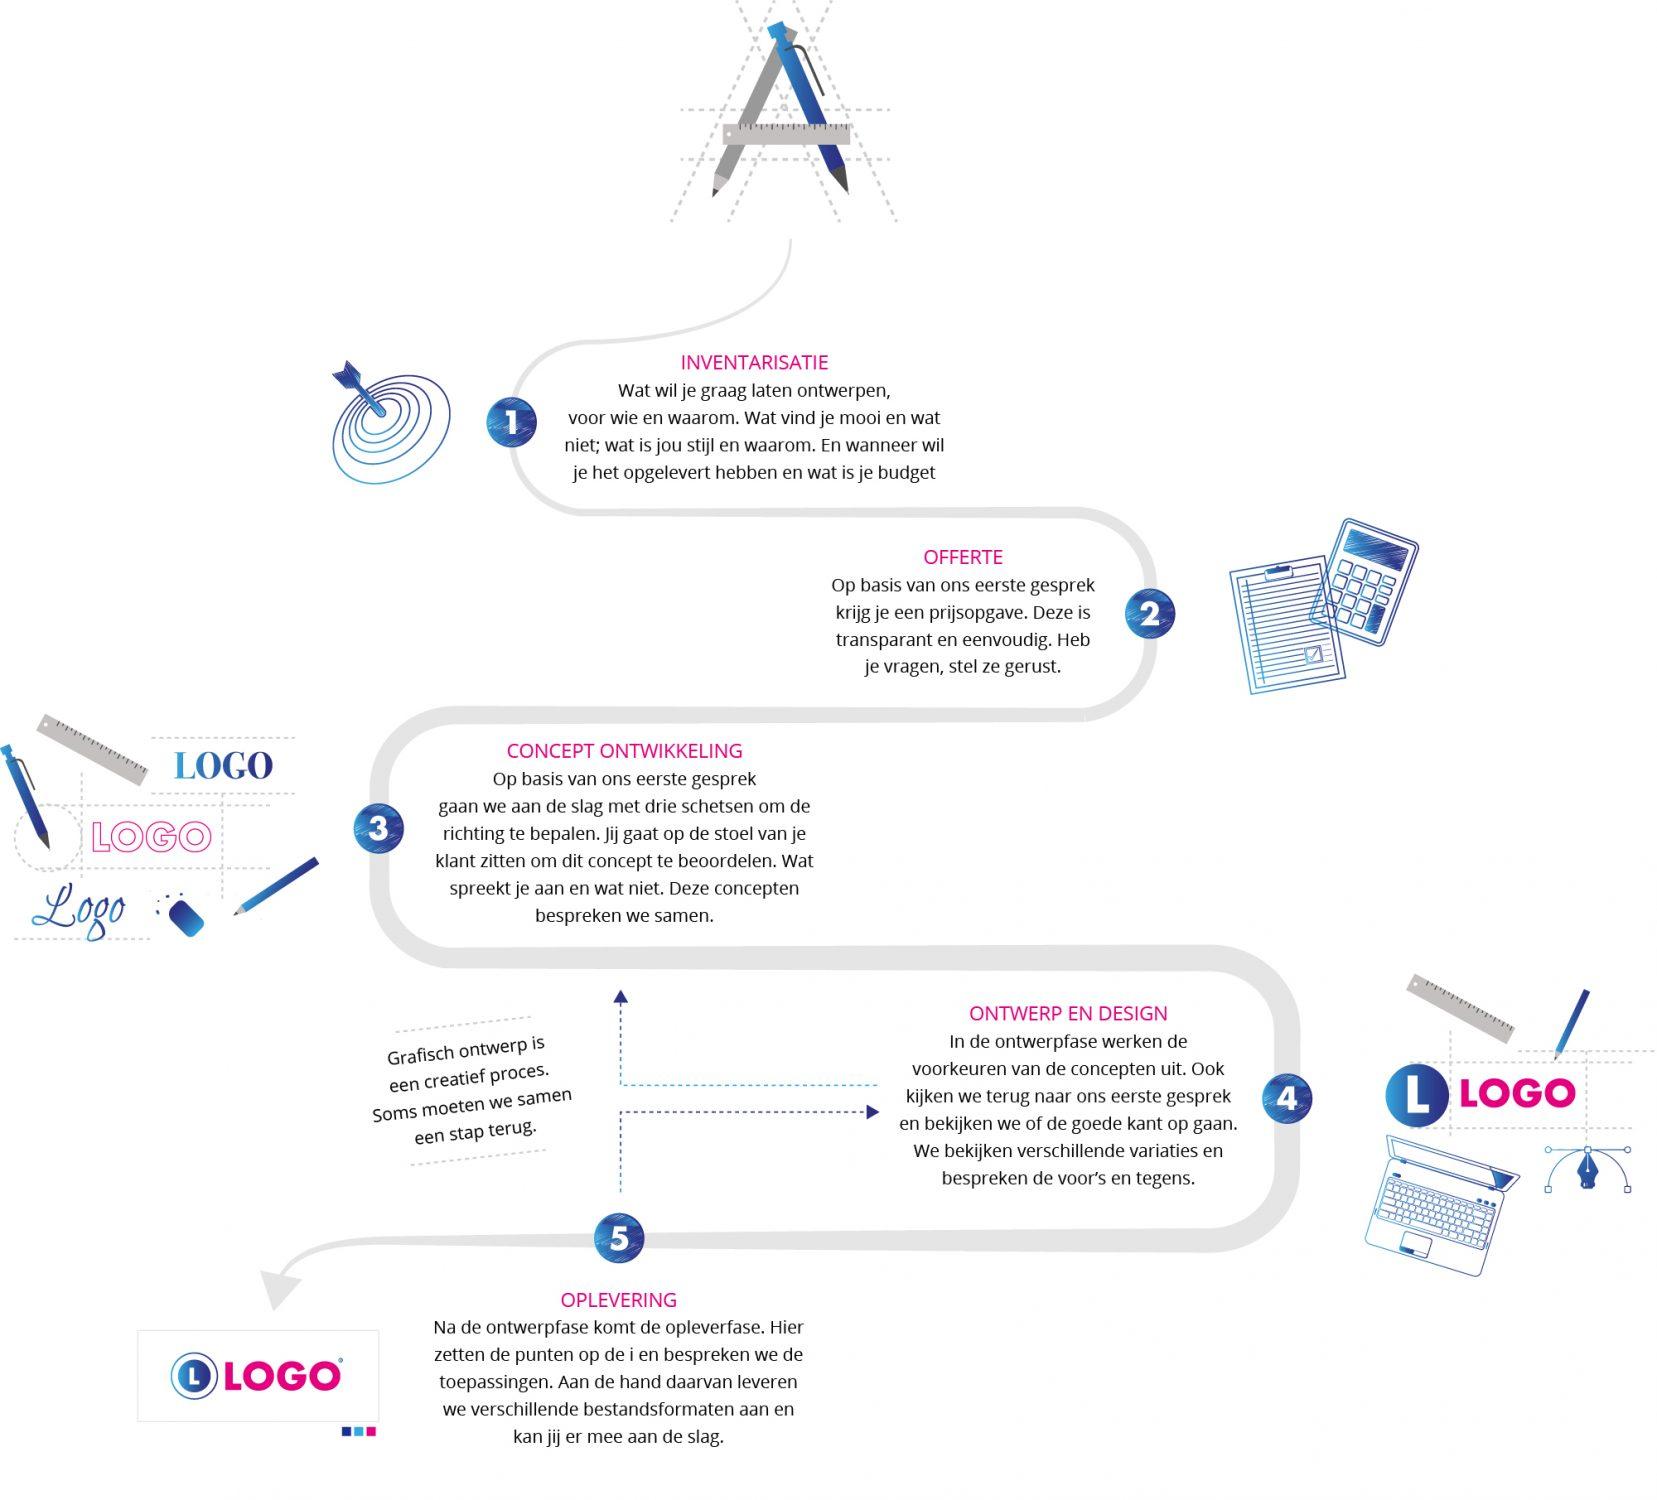 Voor grafisch ontwerp van identiteit en merk, websites, print- en drukwerk, infographics en iconen